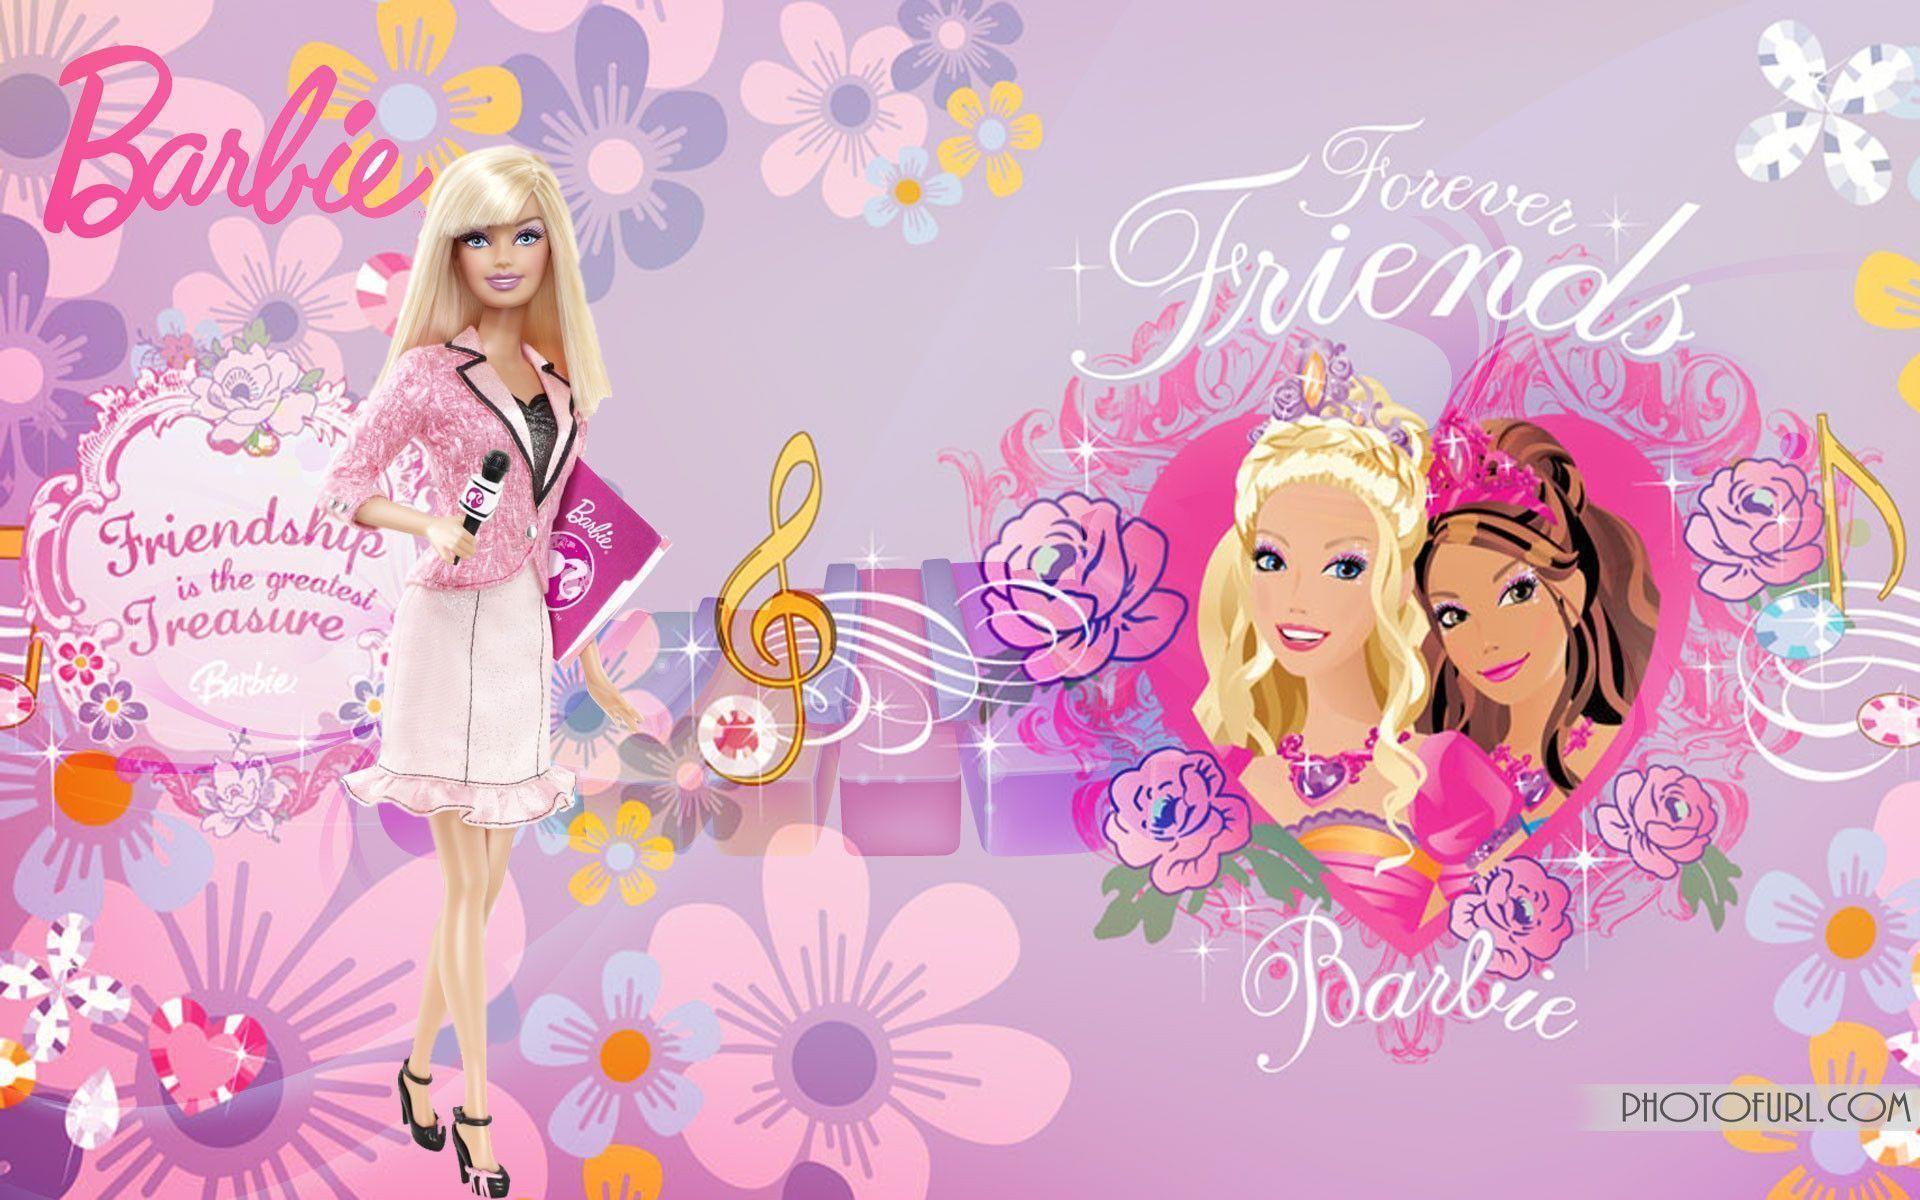 Gambar Barbie Hd Dari Koleksi Berbagai Gambar Barbie Lucu Dan Keren Barbie Gambar Gambar Keren